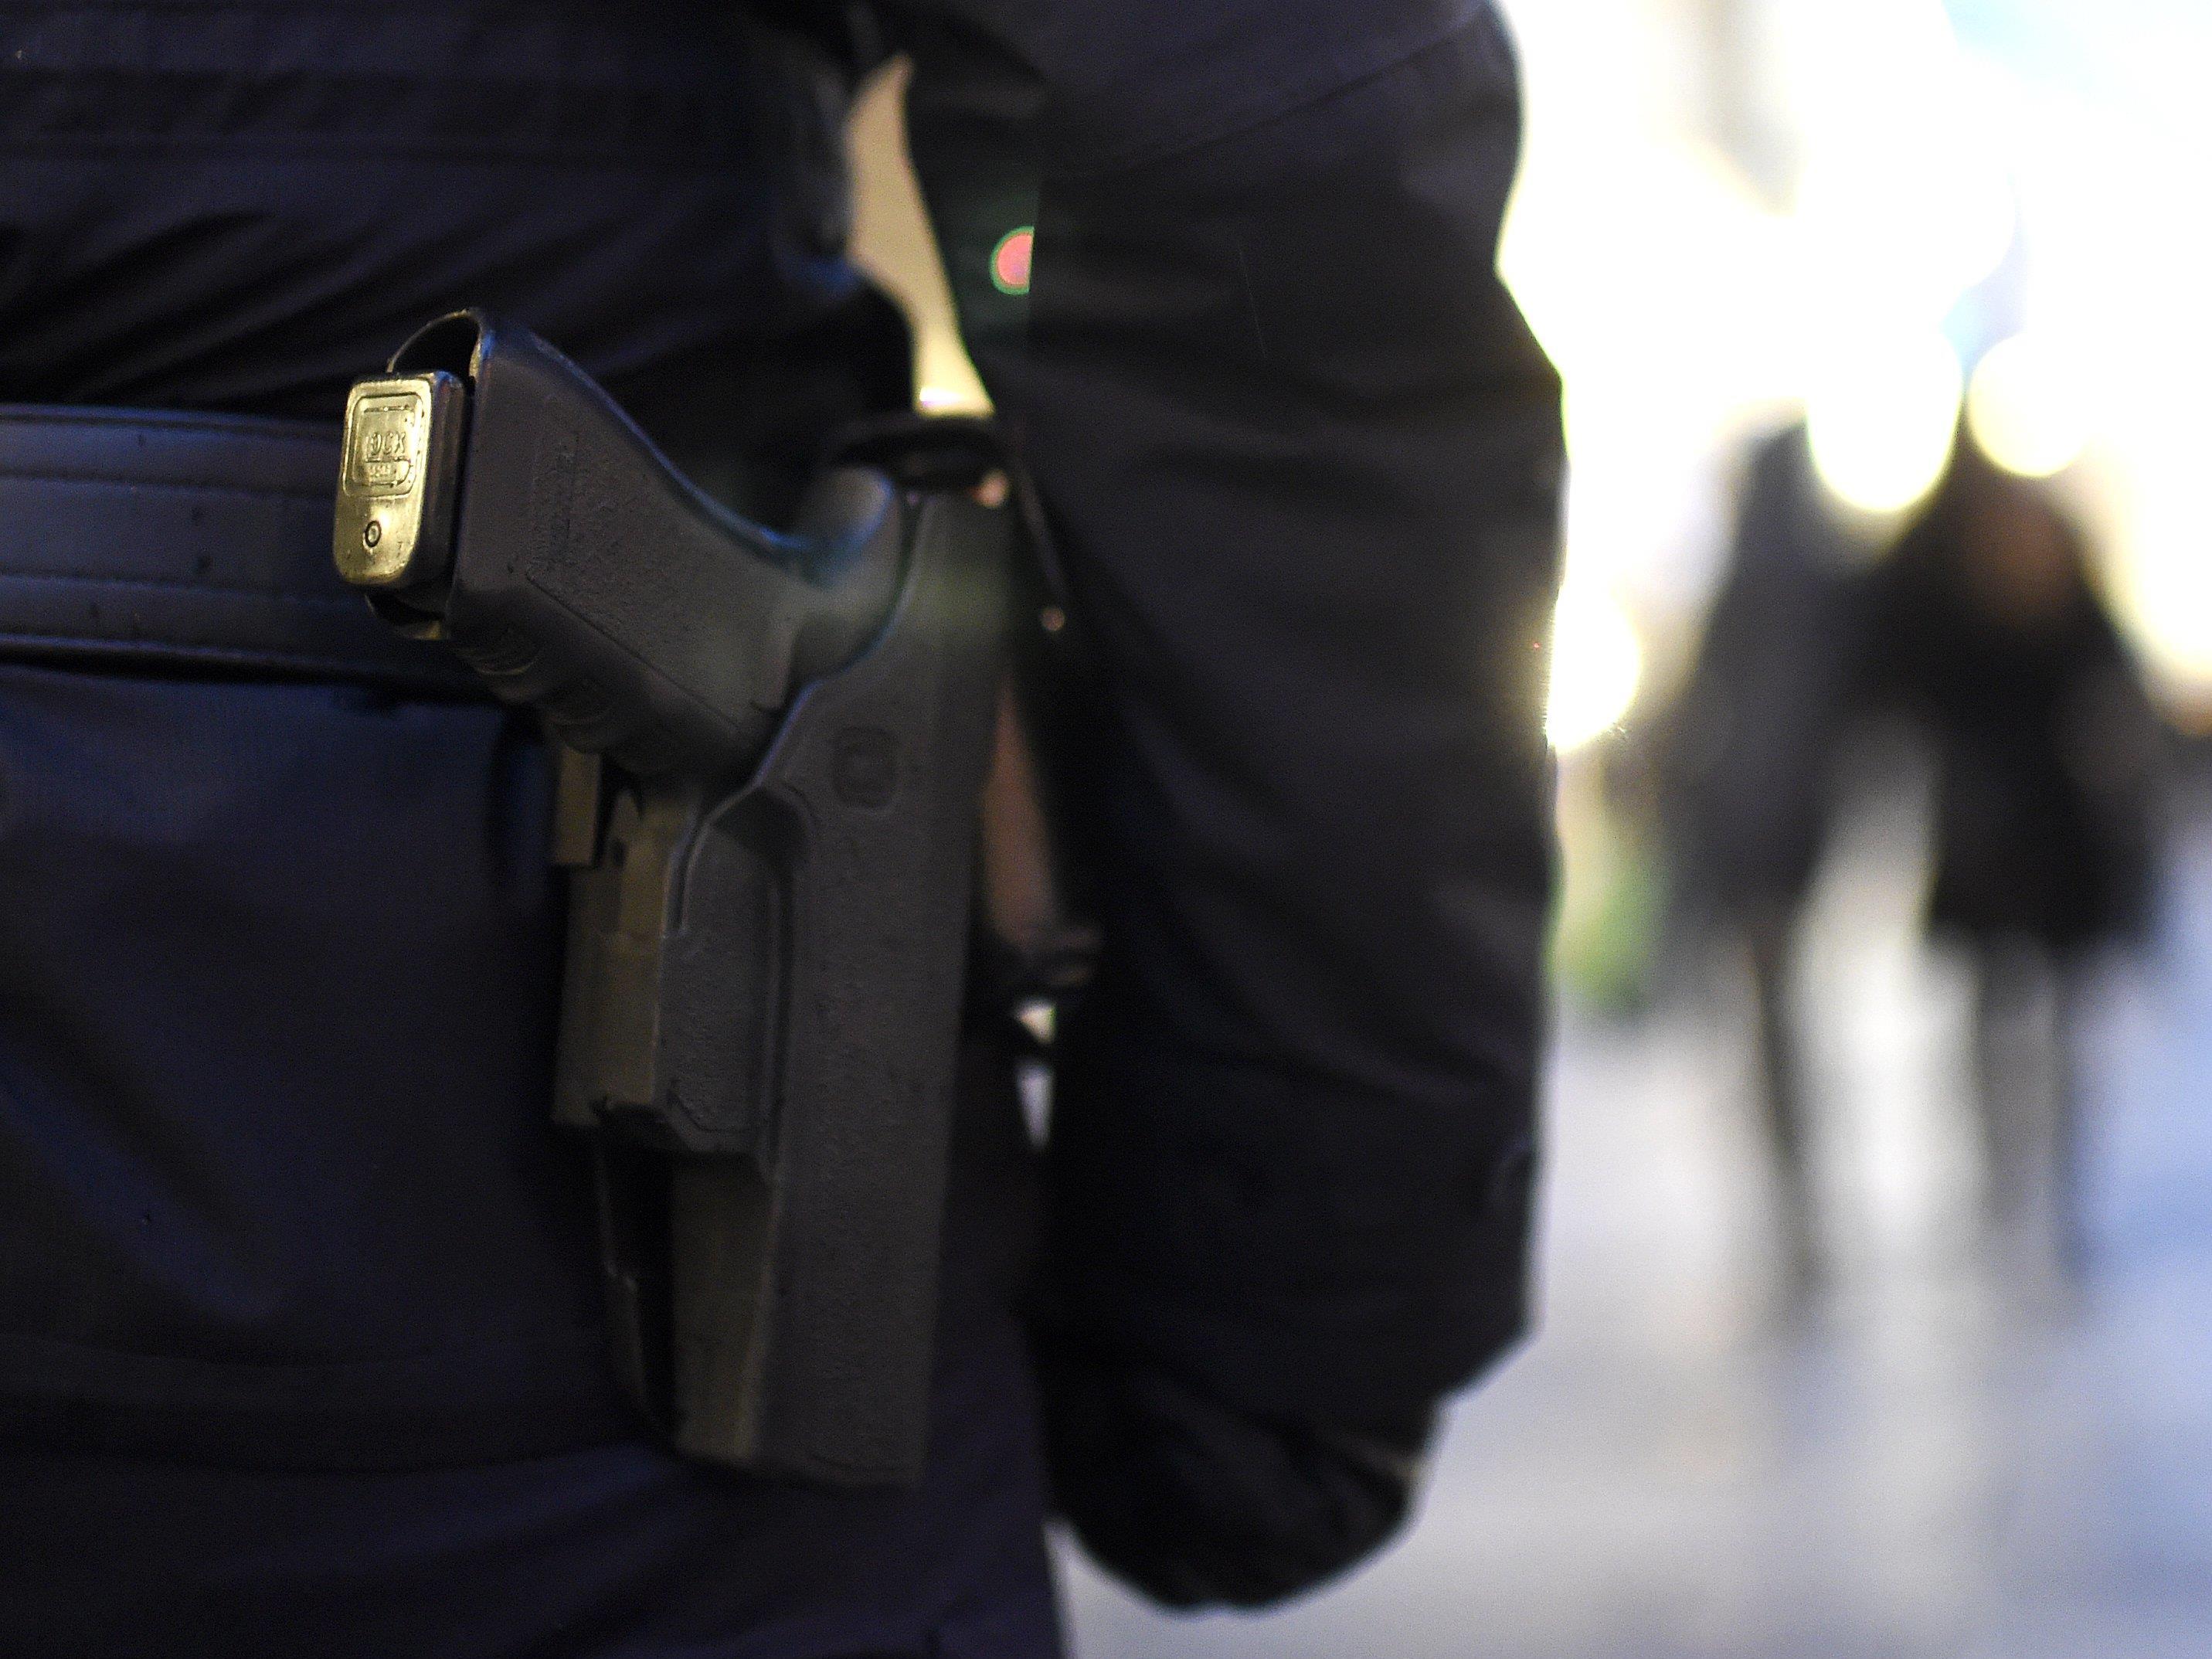 Ein mutmaßlicher Dealer konnte in Meidling verhaftet werden